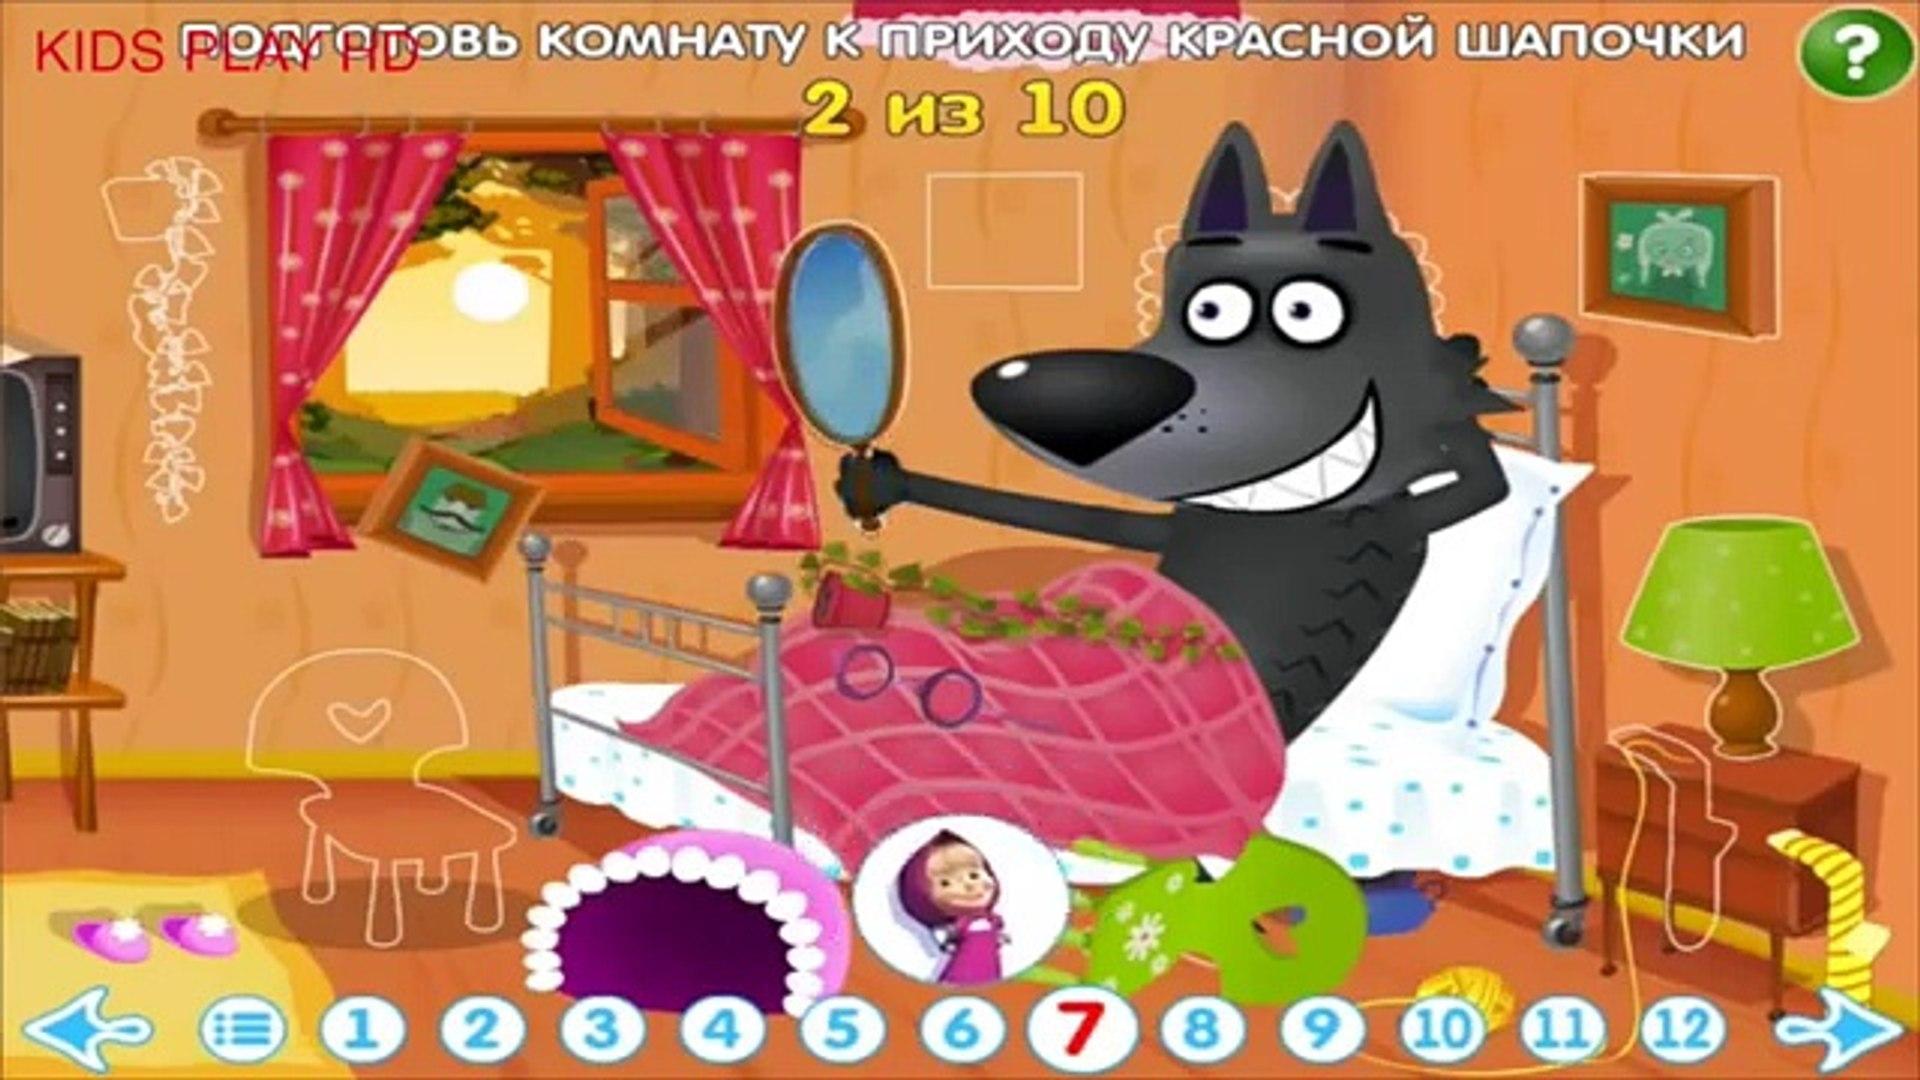 Машины Сказки ИГРА Красная Шапочка - Маша и Медведь ИГРА 2016 | Kids Play